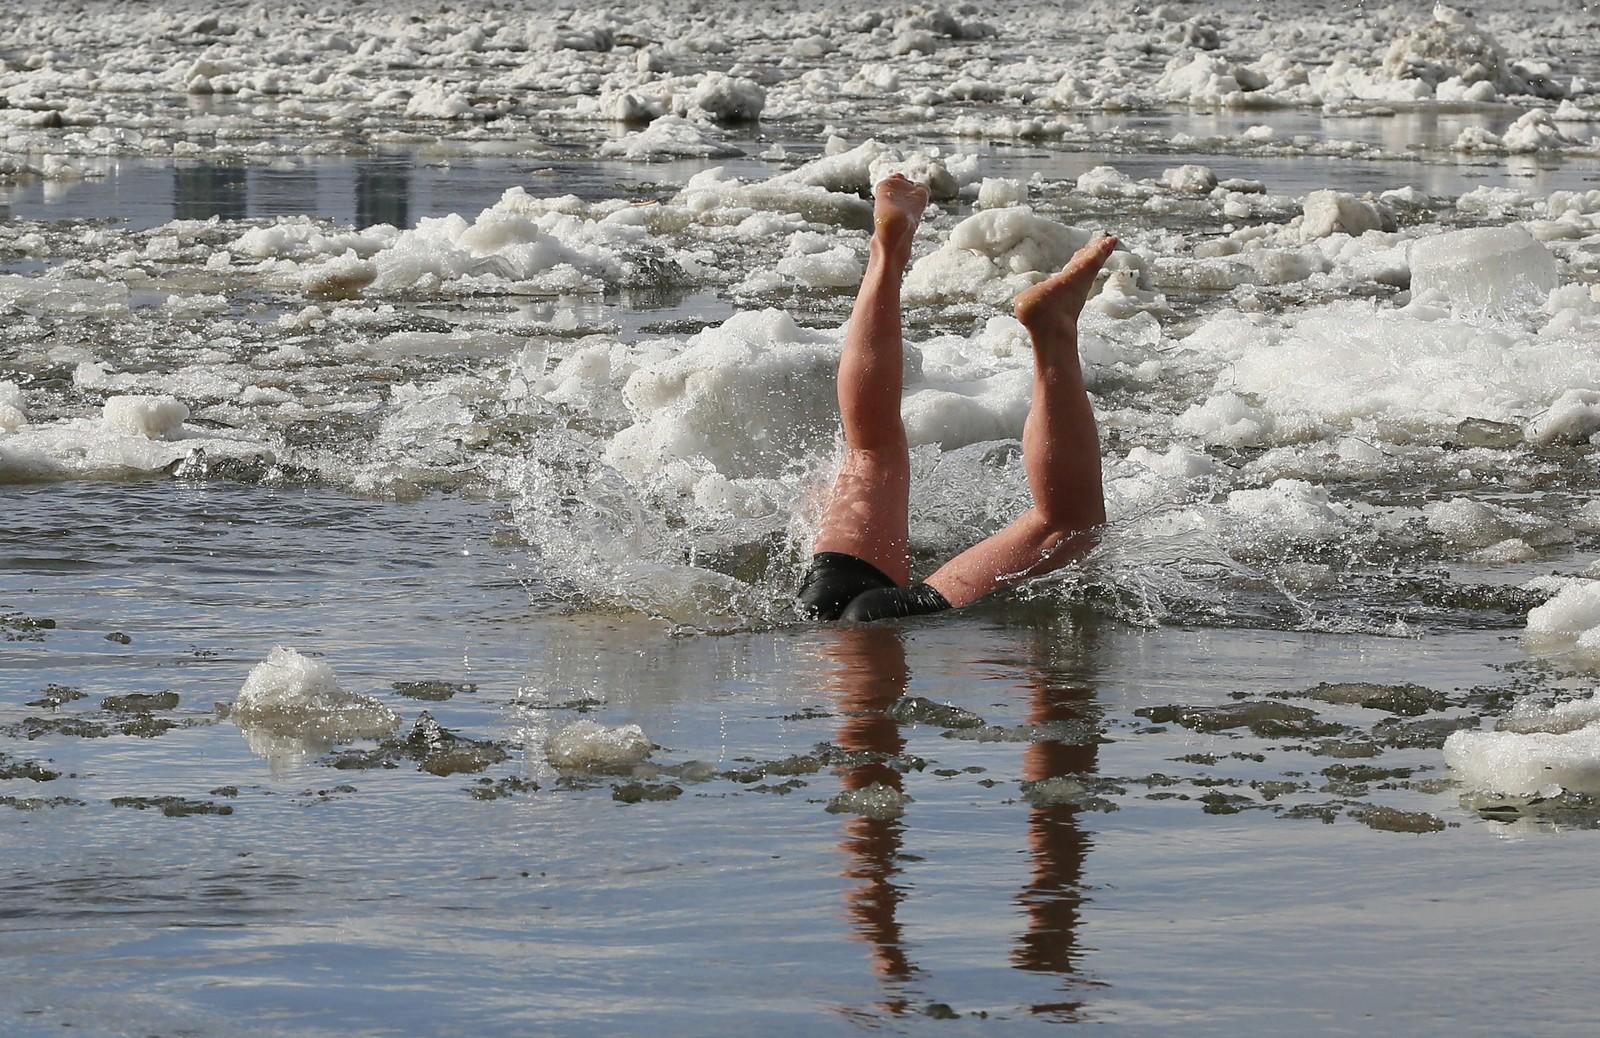 De kaller seg hvalrossene fra Yenisei, og er en isbadeklubb i Krasnoyarsk, Russland.